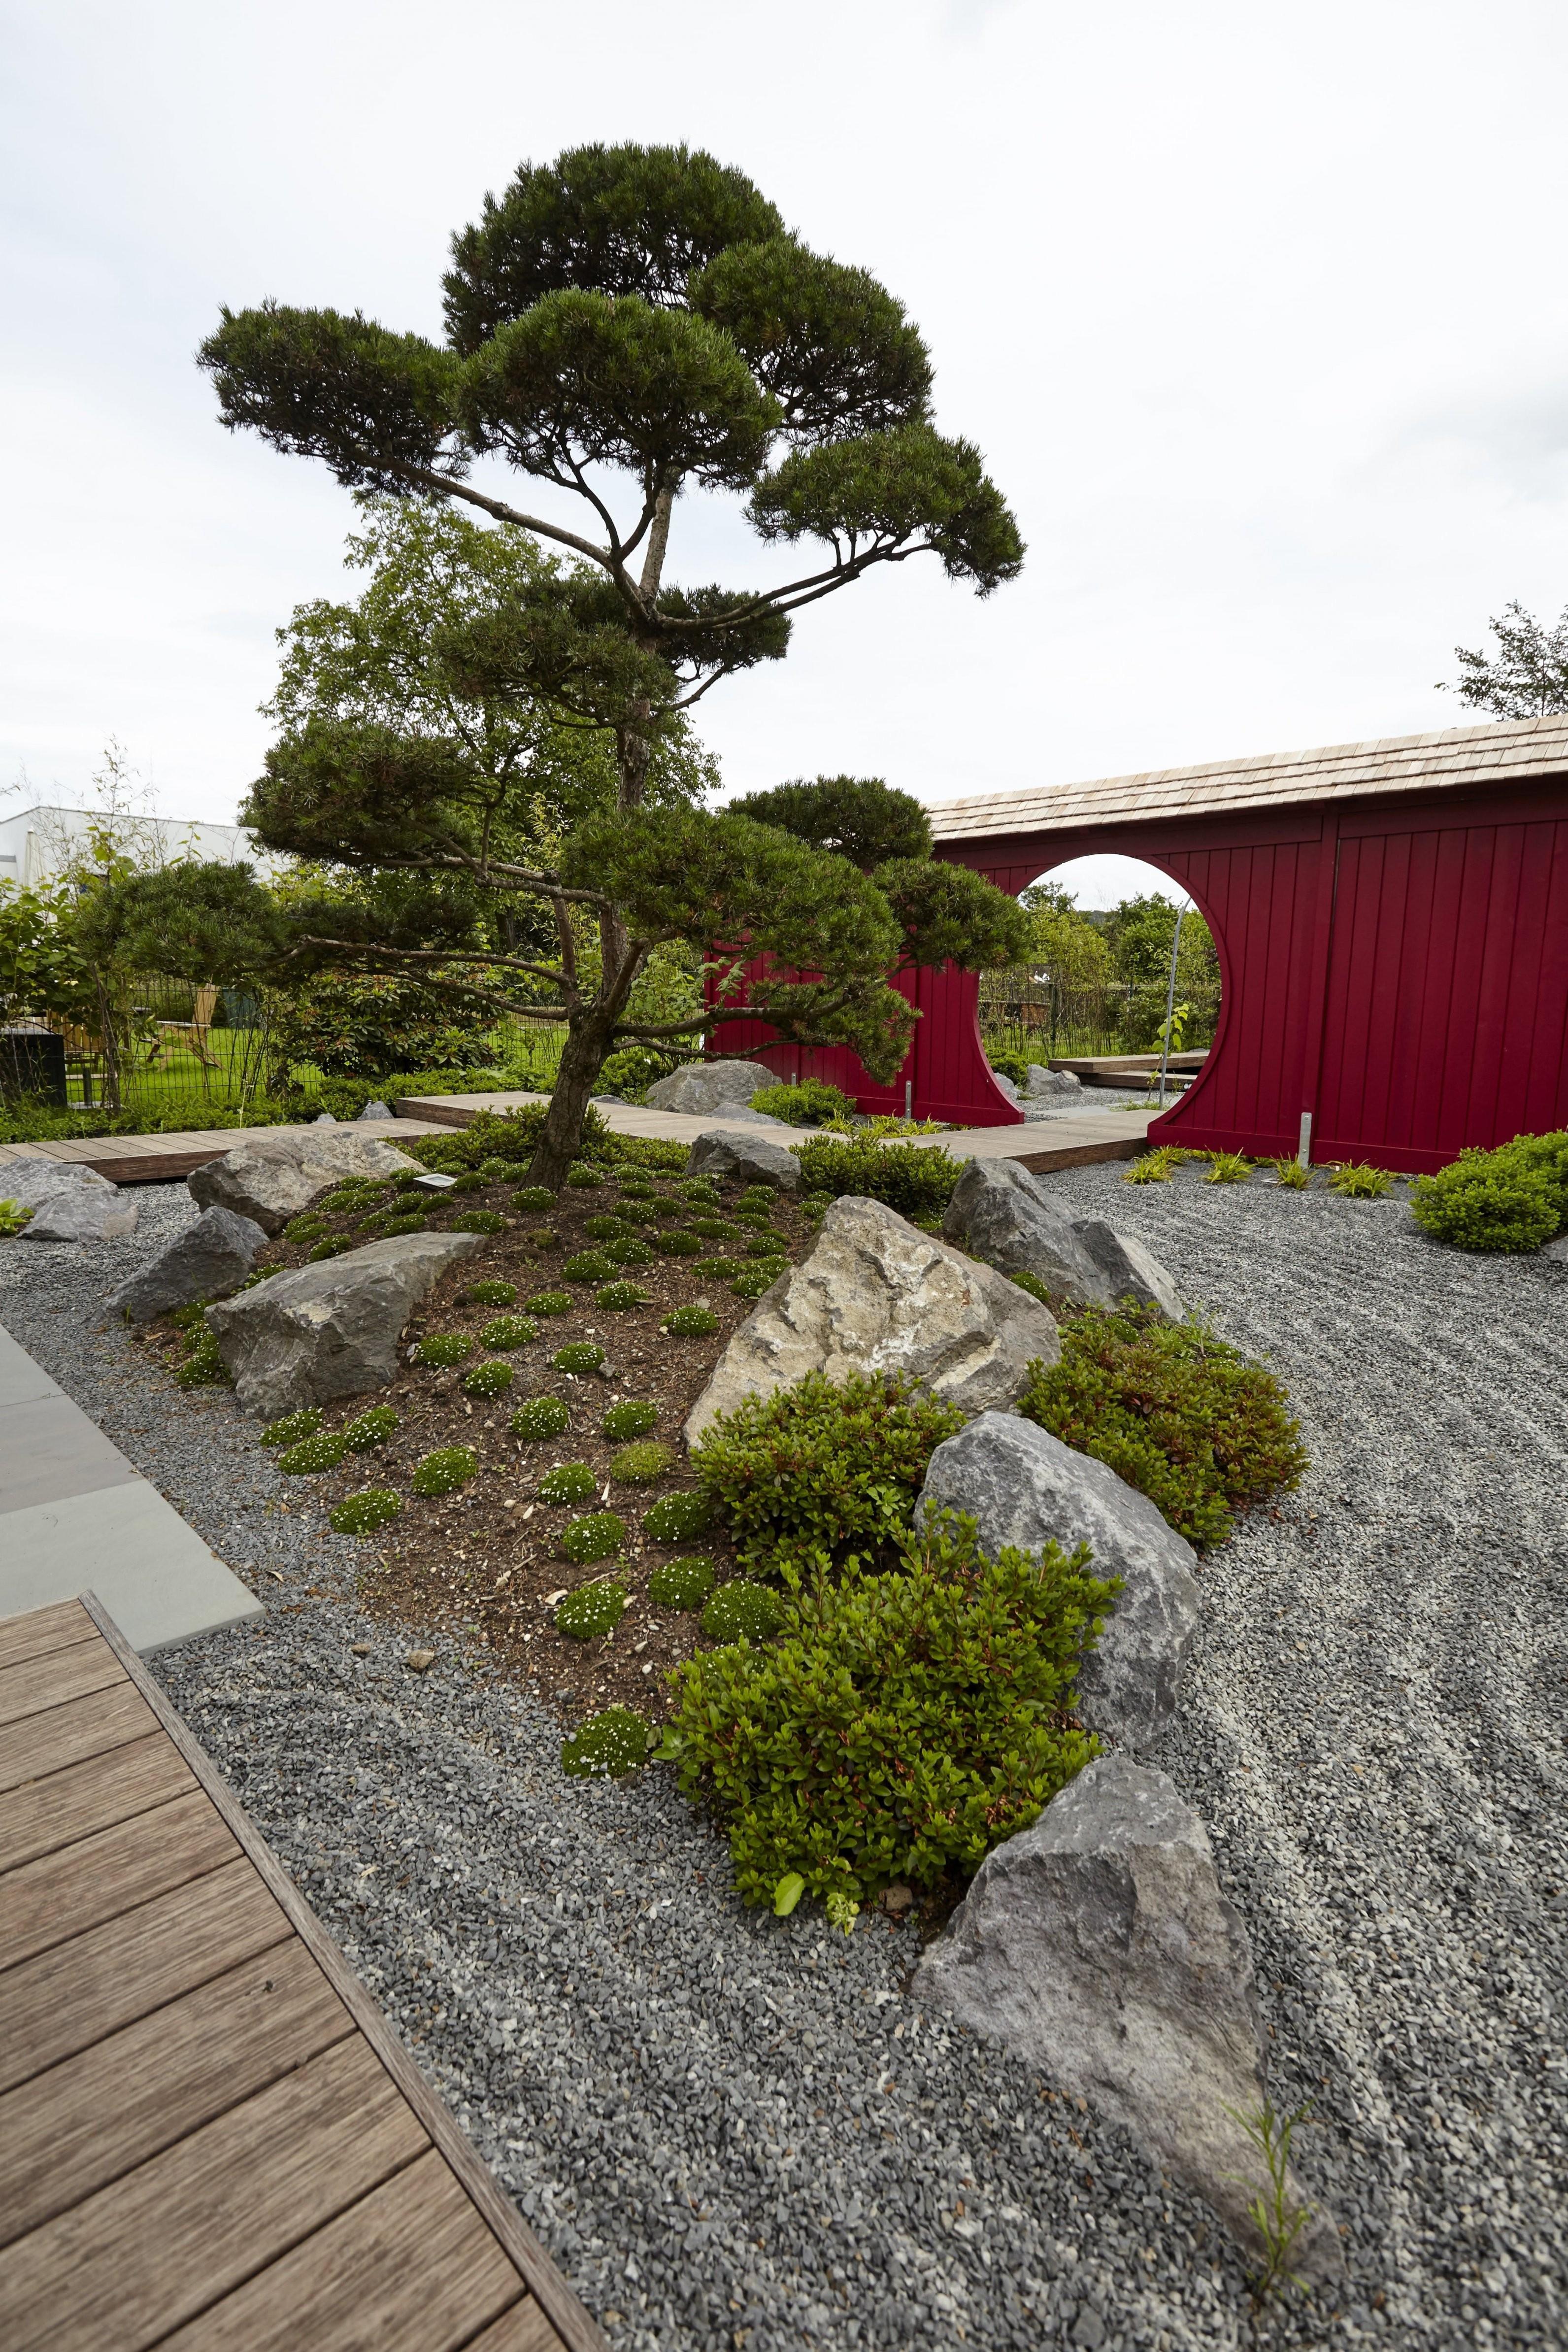 Traumhaftes Wohnen Im Garten Mit Wunderschöner Japanischer von Bepflanzung Japanischer Garten Bild